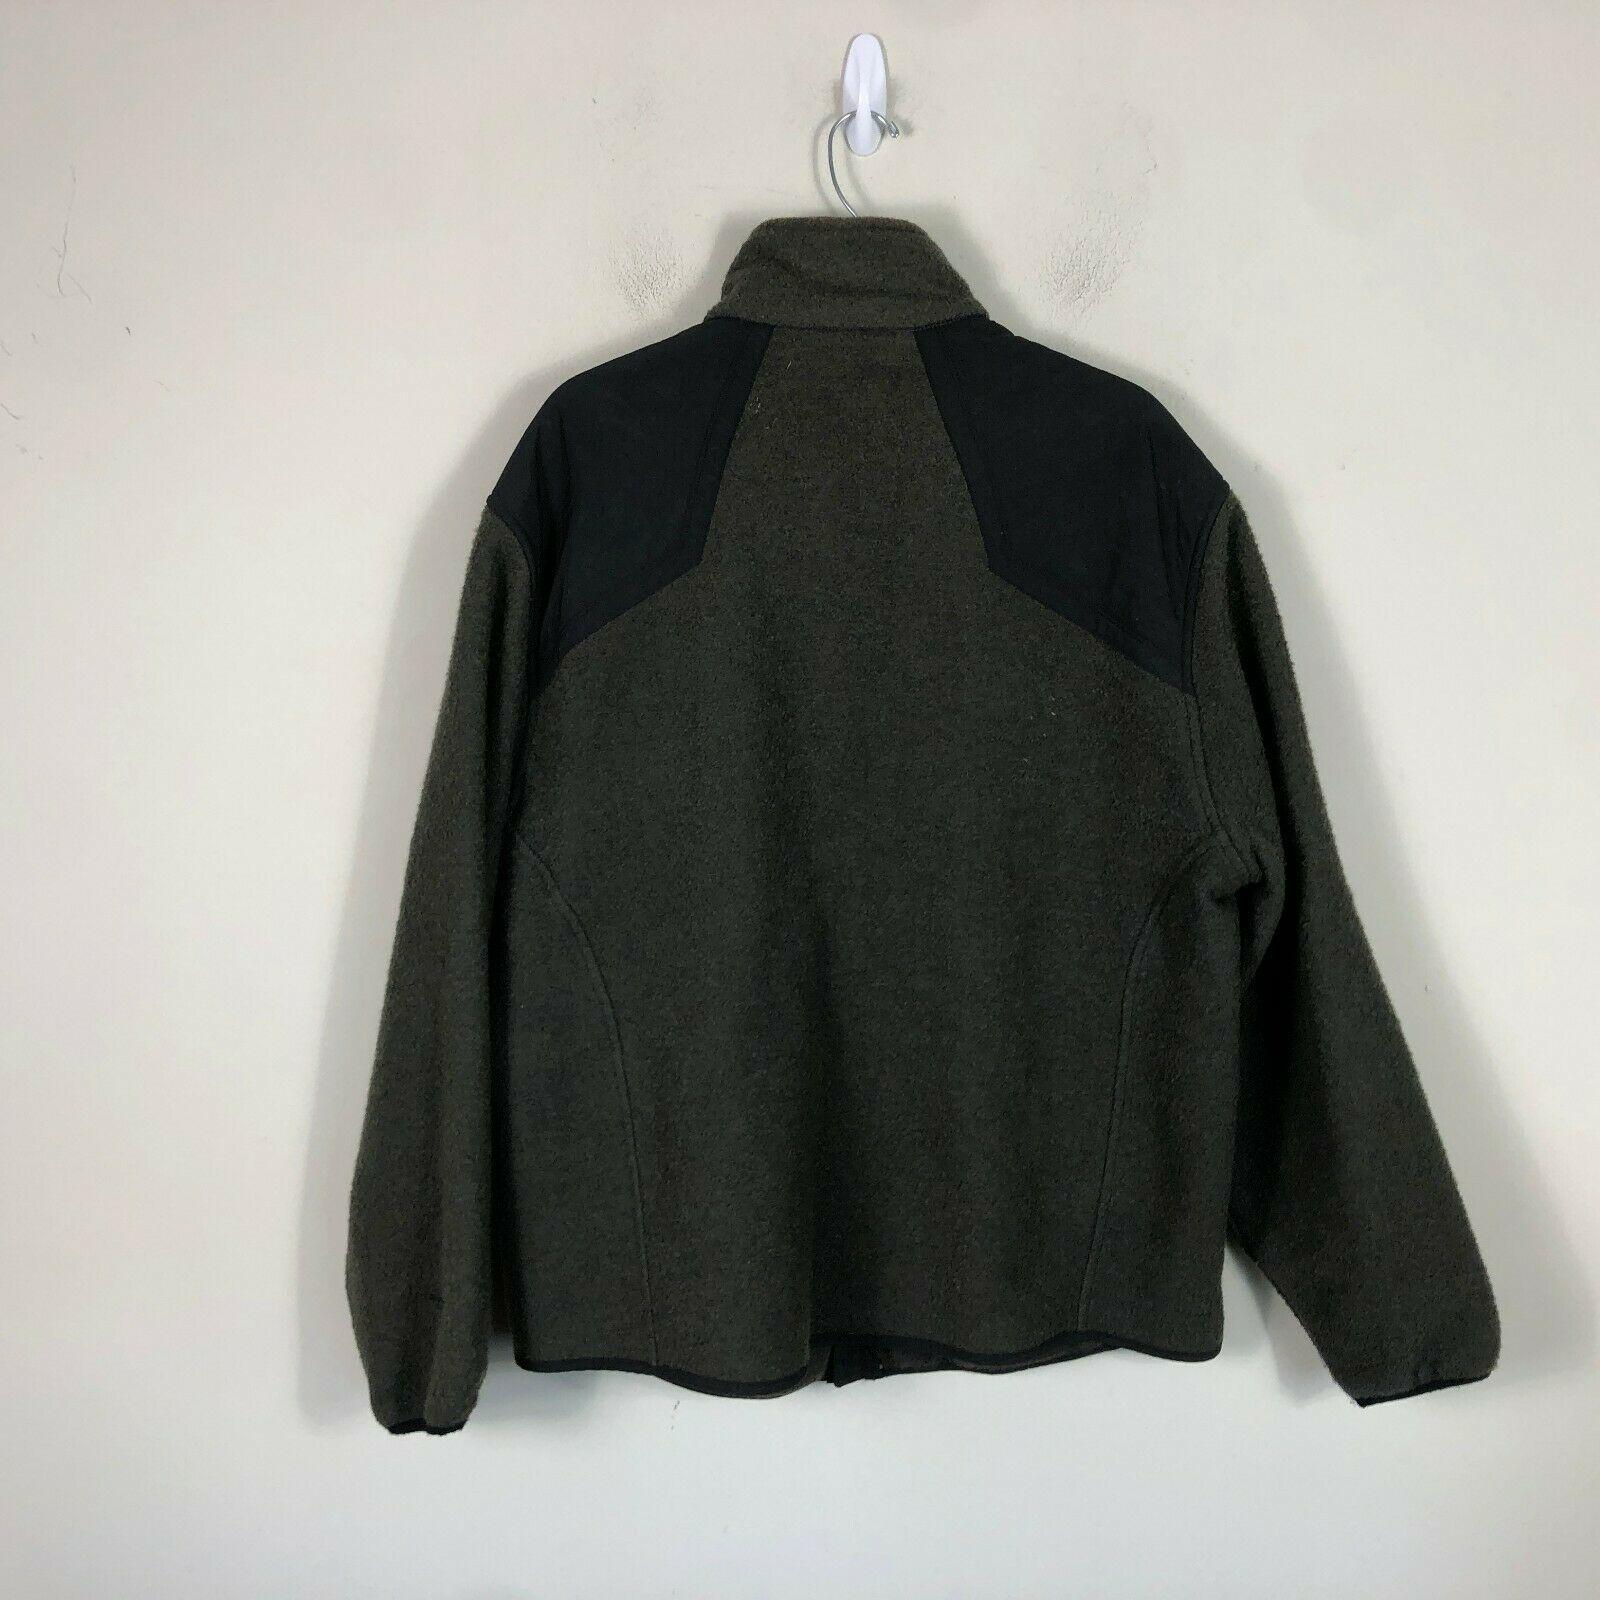 Wool Rich Wool Fleece Jacket Men's L Green Wool Blend Thick Winter Coat image 6